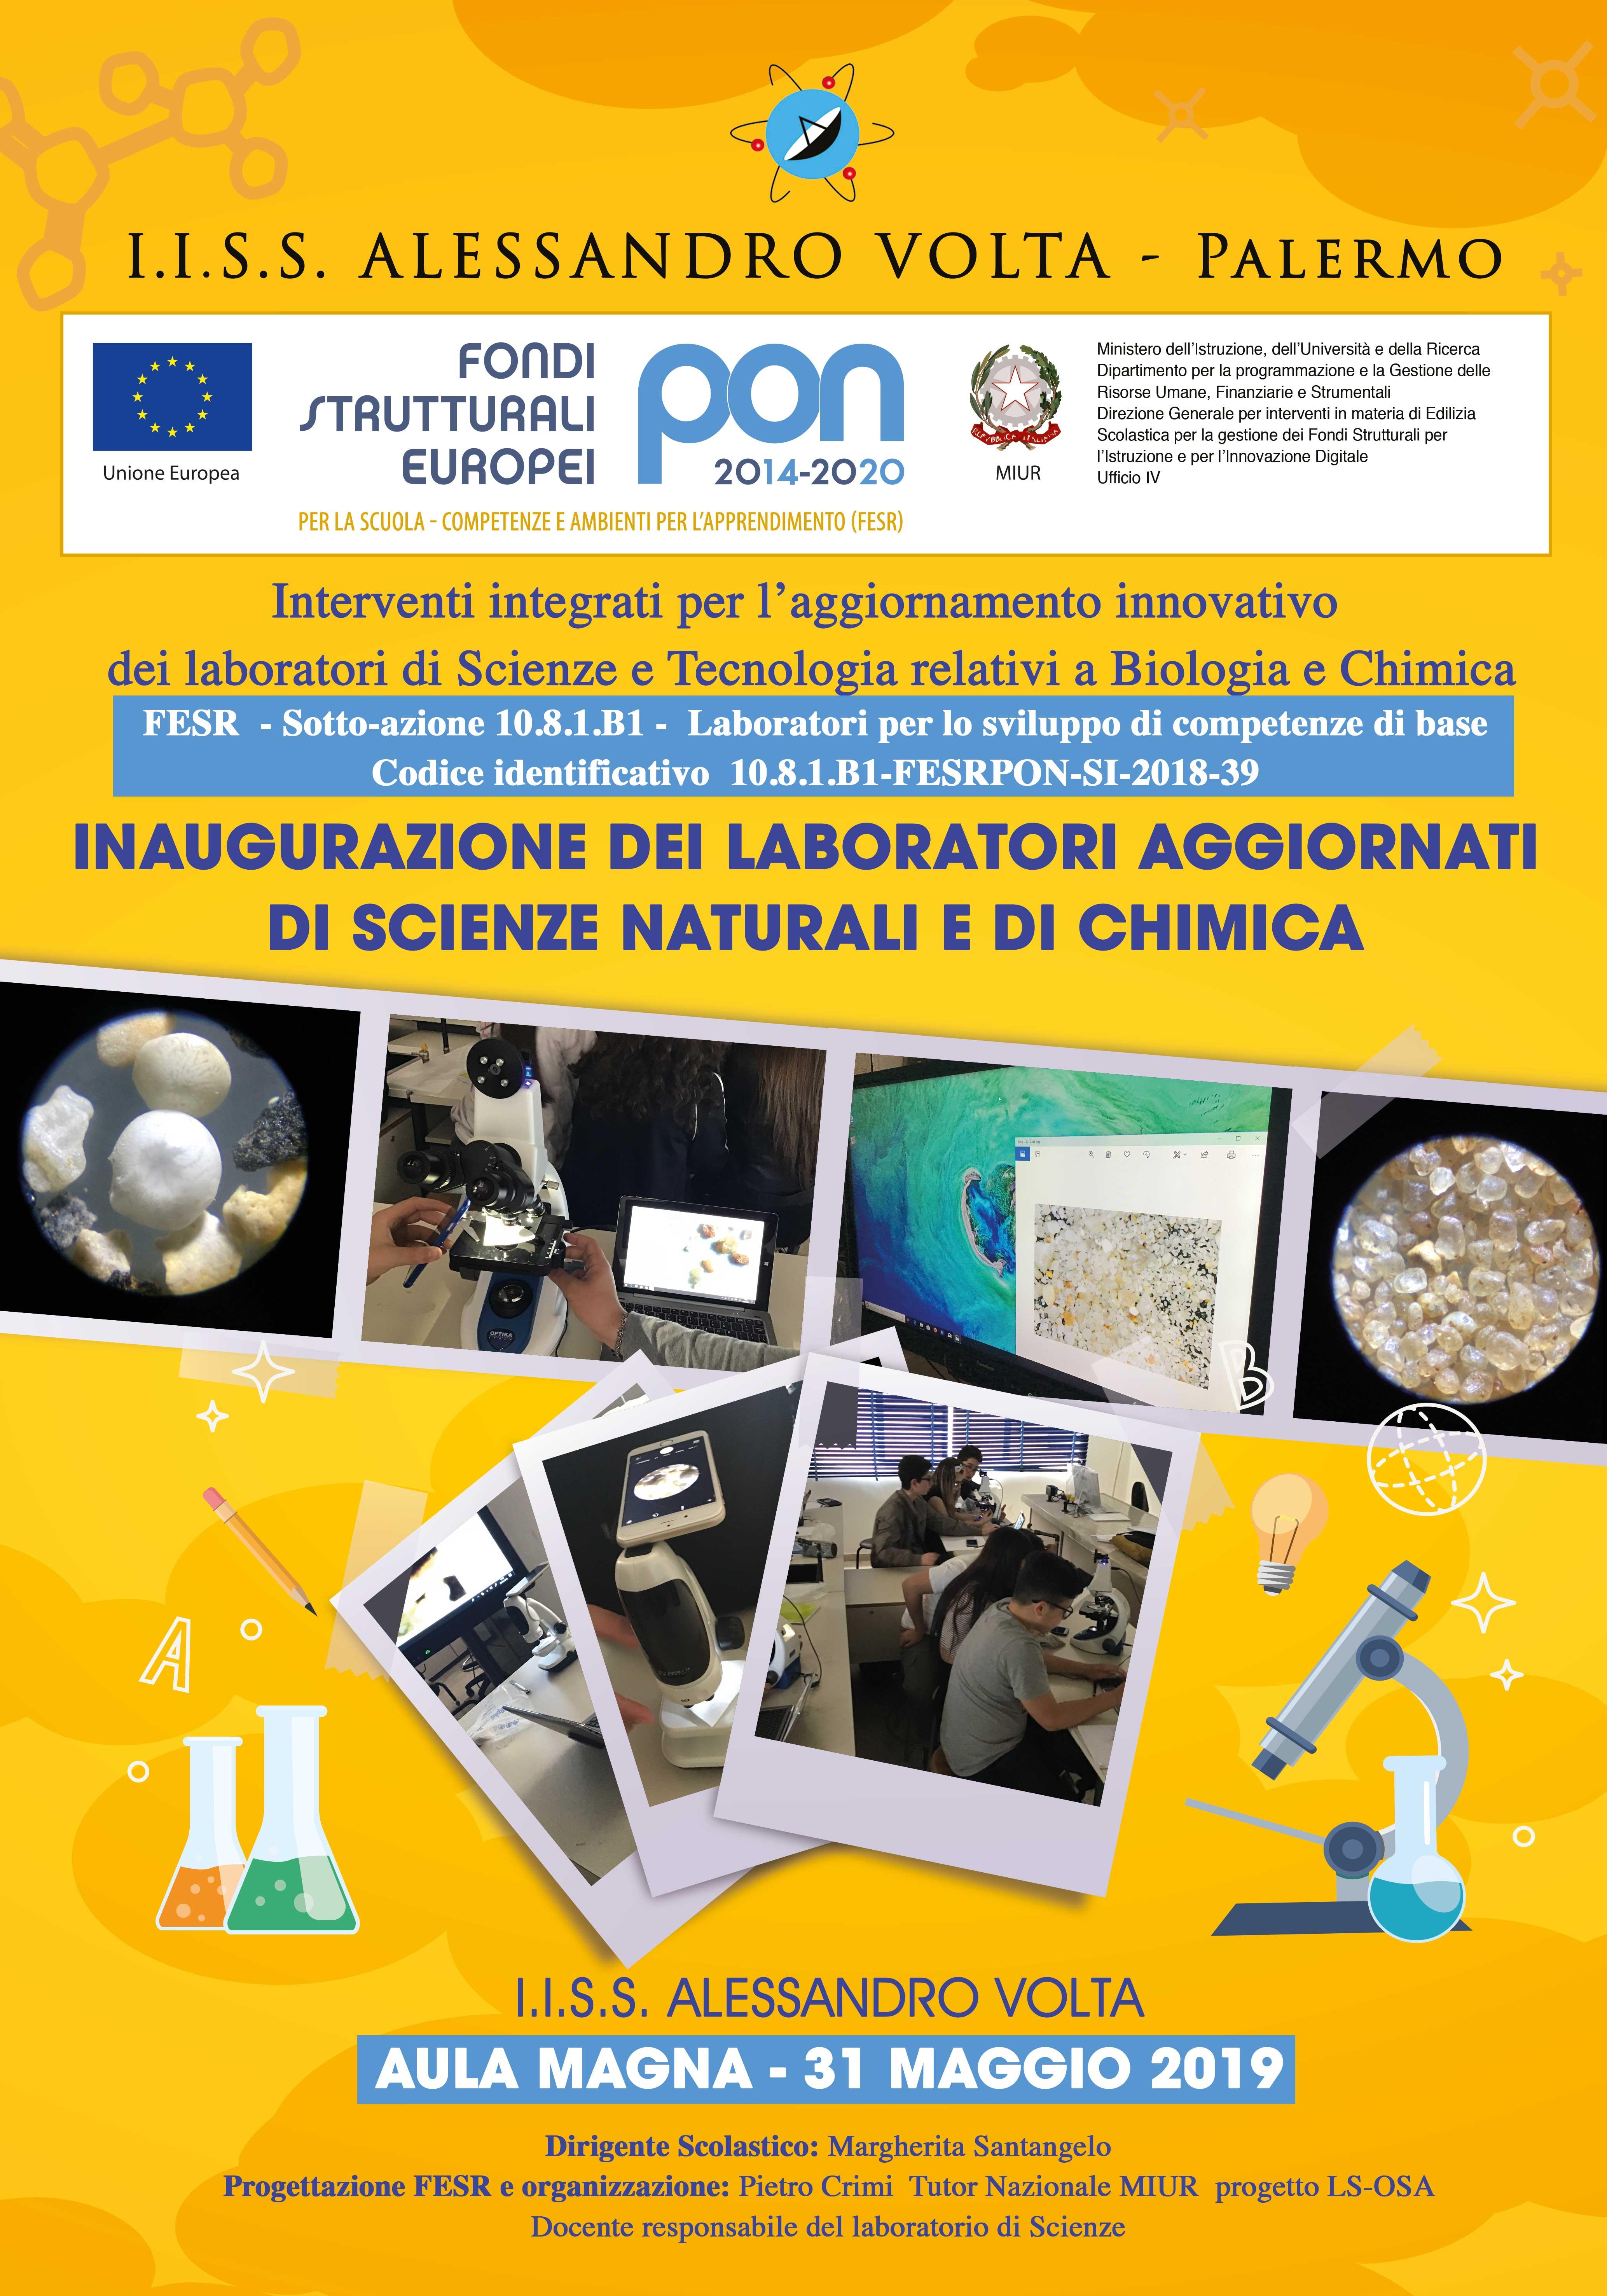 Inaugurazione laboratori